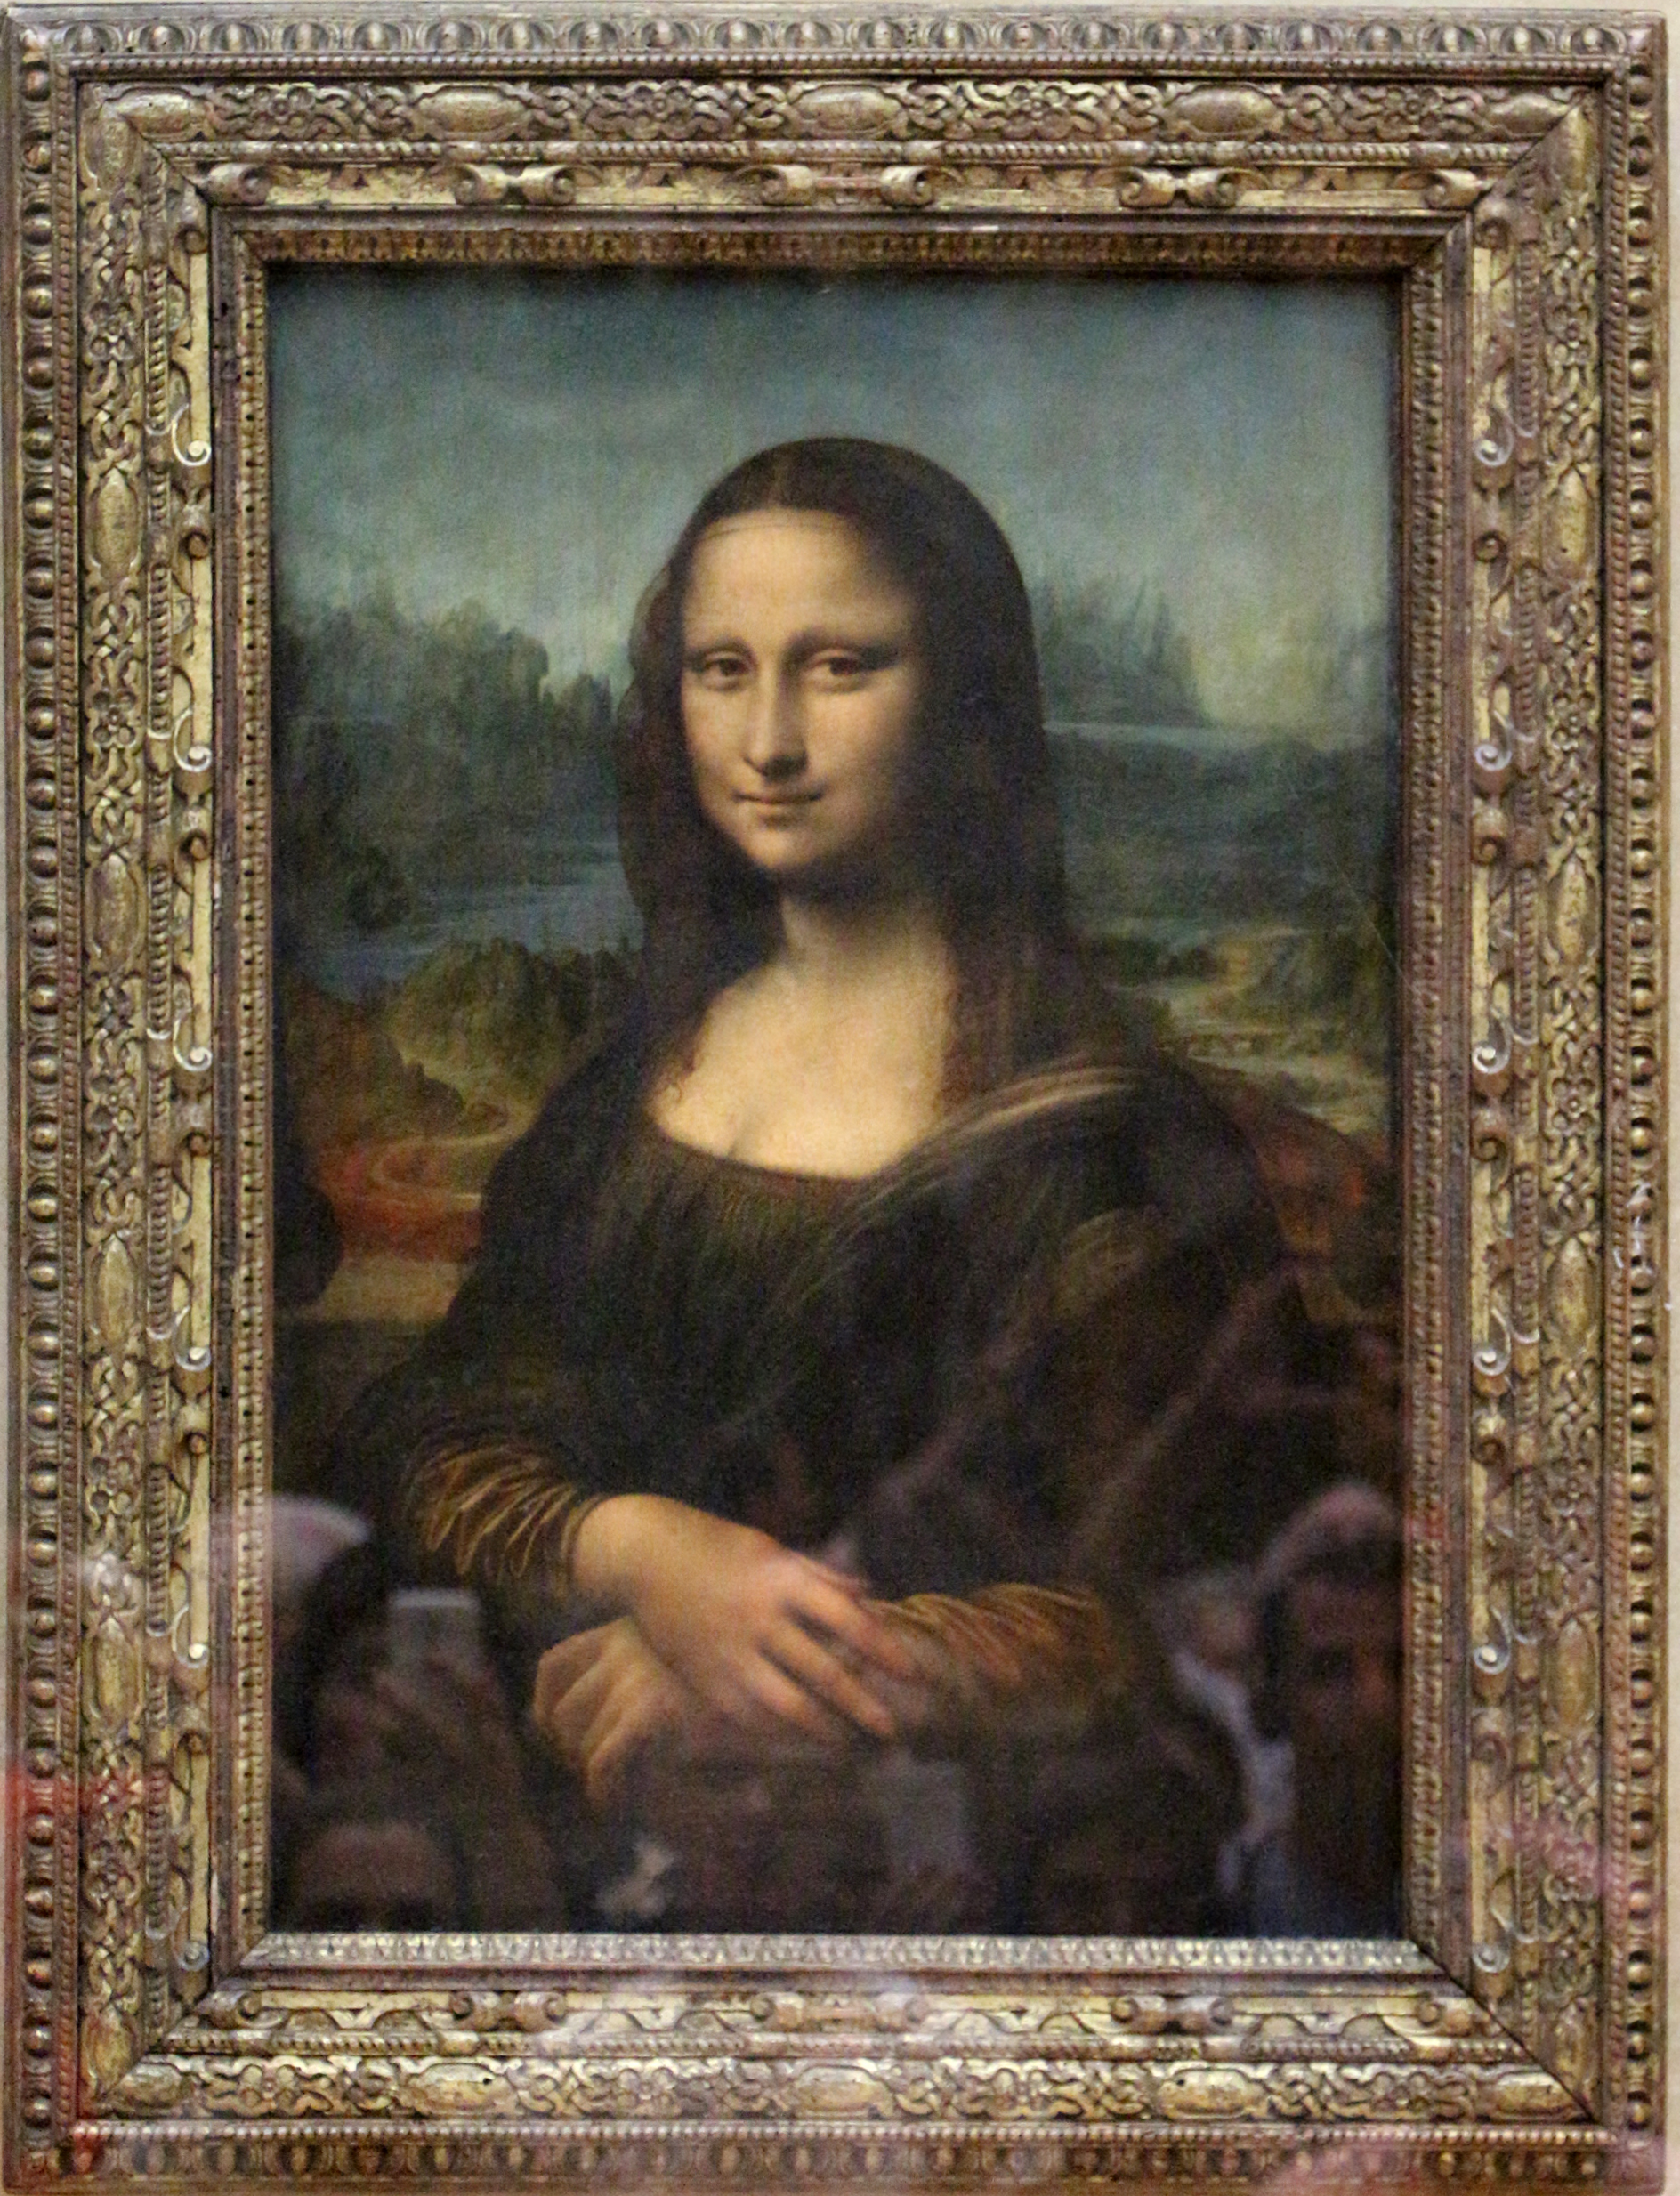 Fichier:Leonardo da vinci, la gioconda, 1503-06 circa.jpg ...